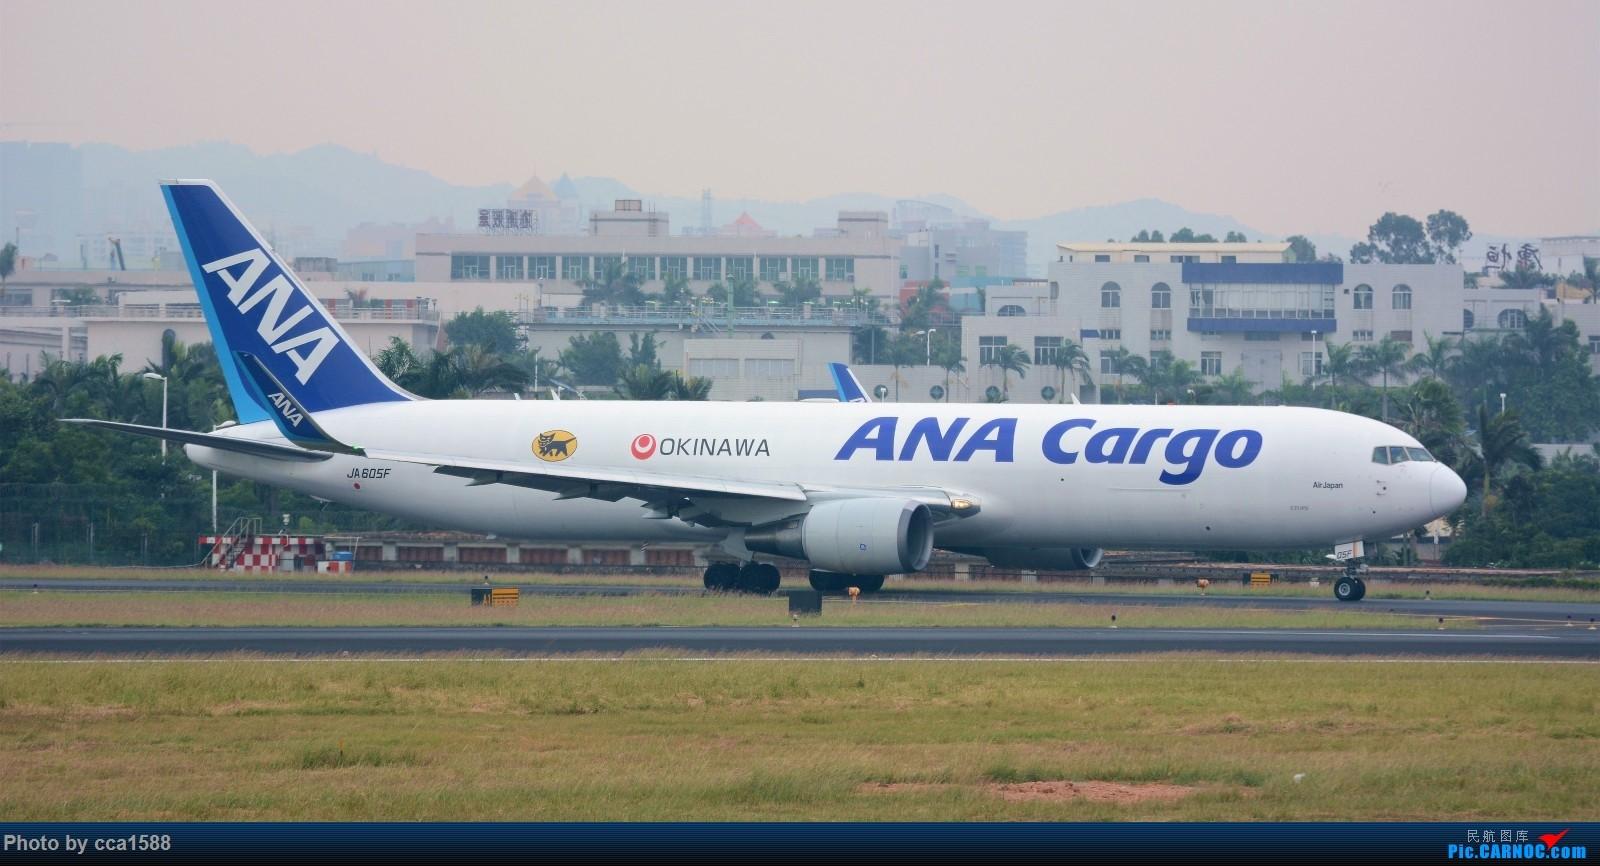 Re:[原创]【福州飞友会】首拍汉莎第一架747-8(厦门的拍机位置真心不好啊) BOEING 767-200ER  中国厦门高崎国际机场